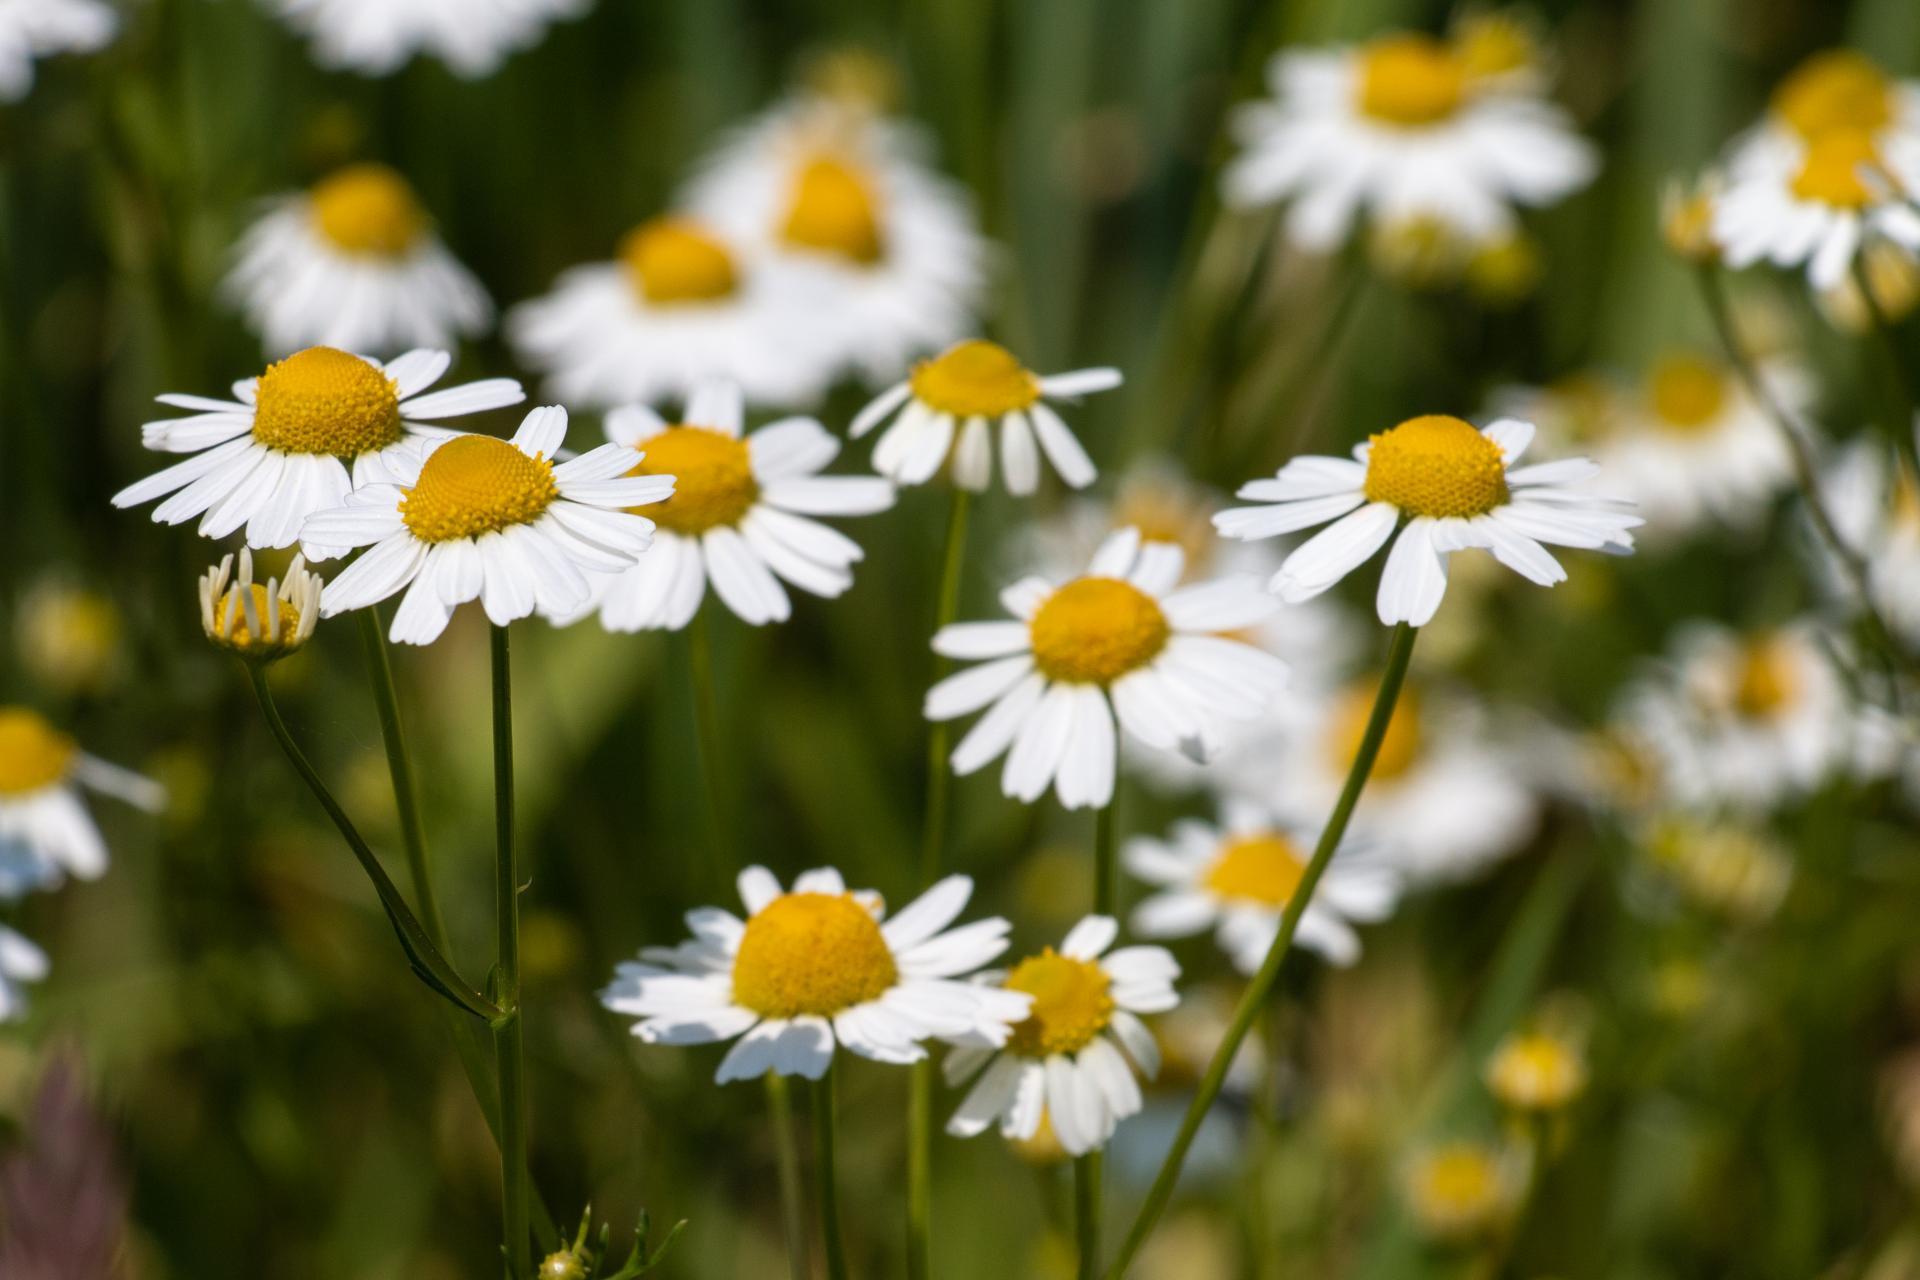 Sommer, Sonne, Blumenschein II